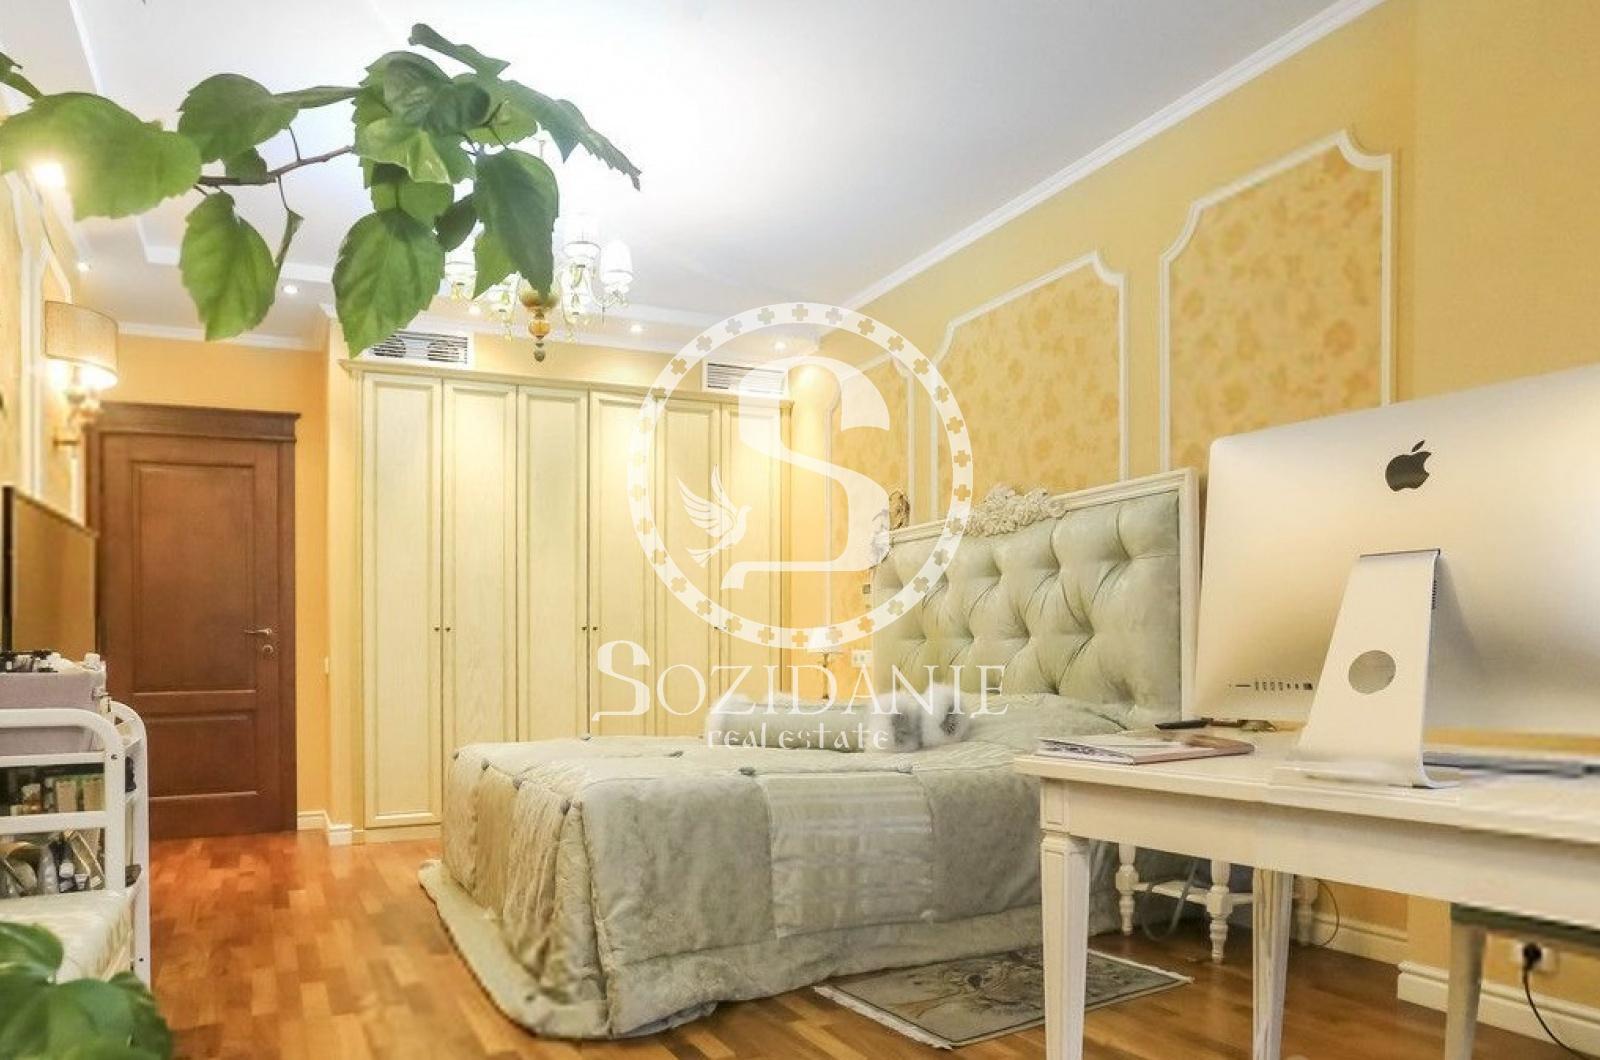 5 Комнаты, Городская, Продажа, Улица Минская, Listing ID 4095, Москва, Россия,